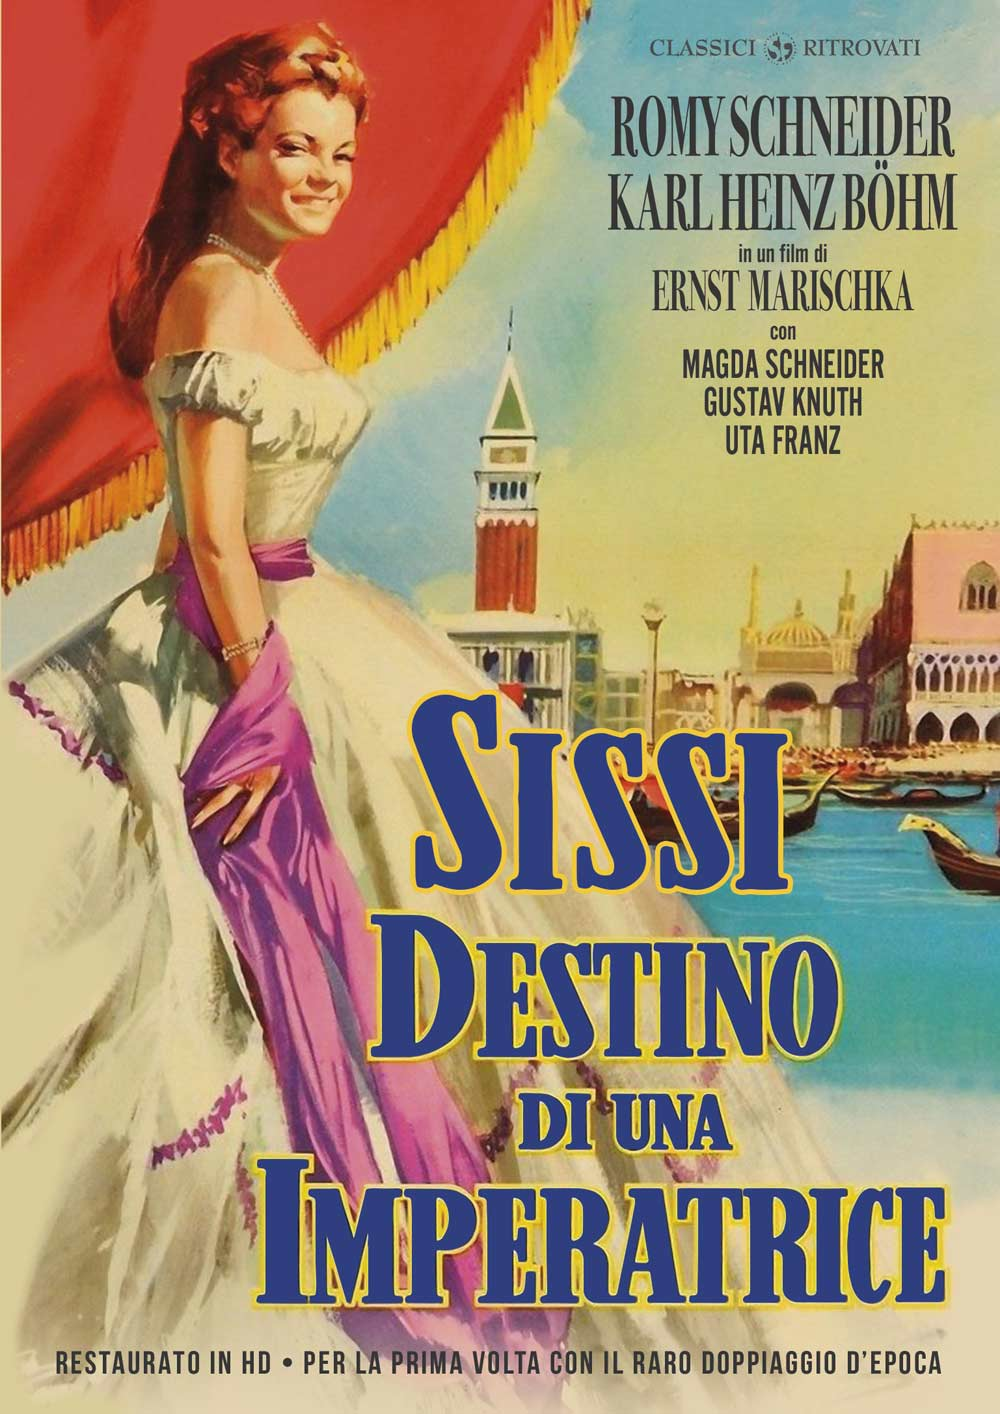 SISSI - DESTINO DI UN'IMPERATRICE (RESTAURATO IN HD) (DVD)